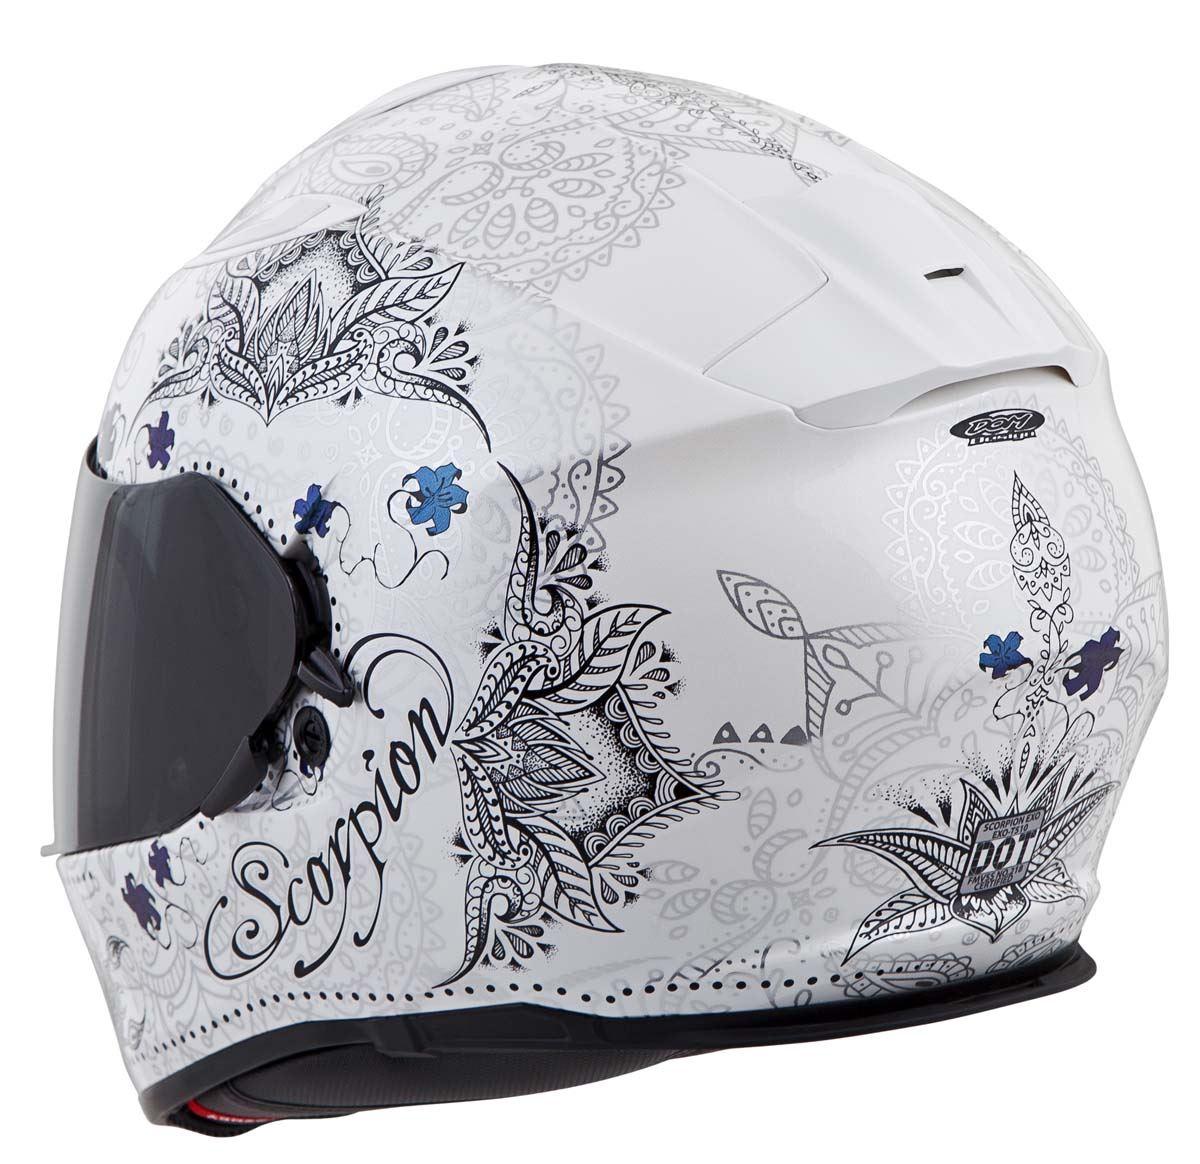 Scorpion-EXO-T510-Helmet-Full-Face-DOT-Approved-Inner-Sun-Shield miniature 71